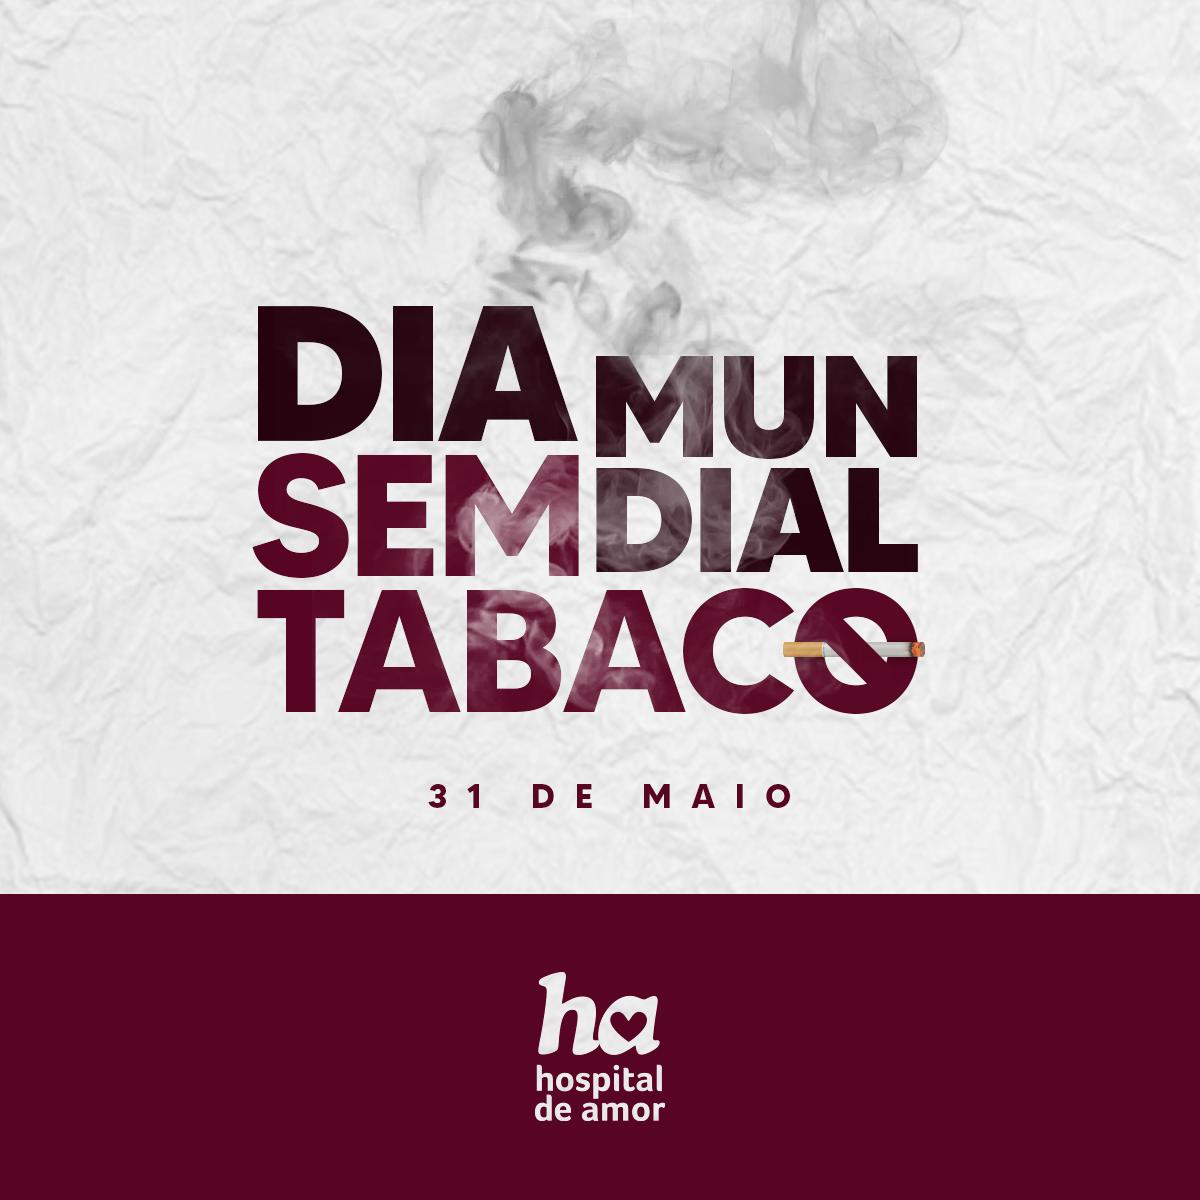 Dia Mundial sem Tabaco: hábito de fumar também prejudica a saúde de quem não fuma